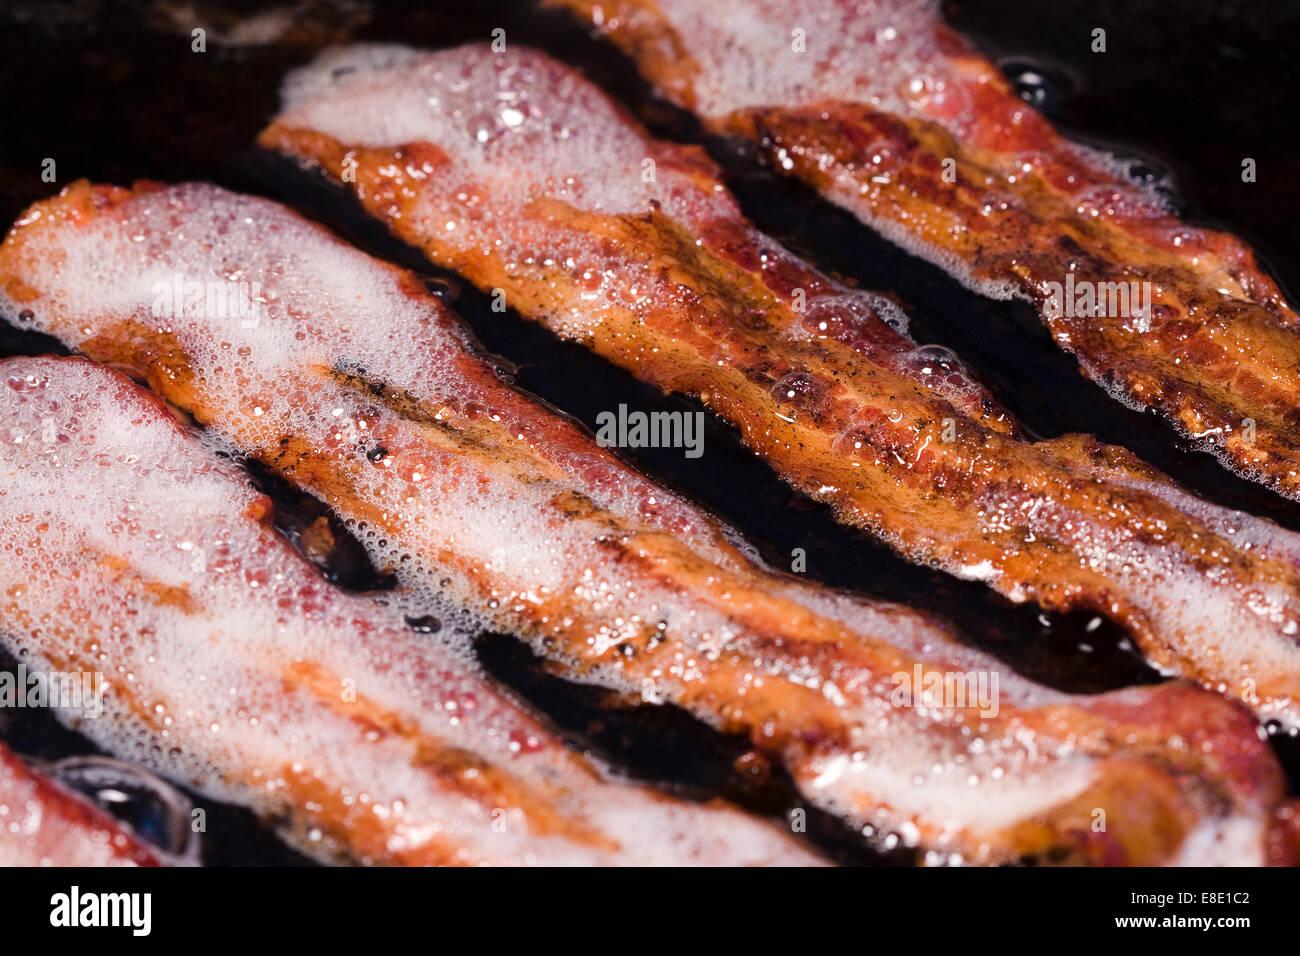 Grasso di pancetta eseguire il rendering di strisce di pancetta in una padella Immagini Stock